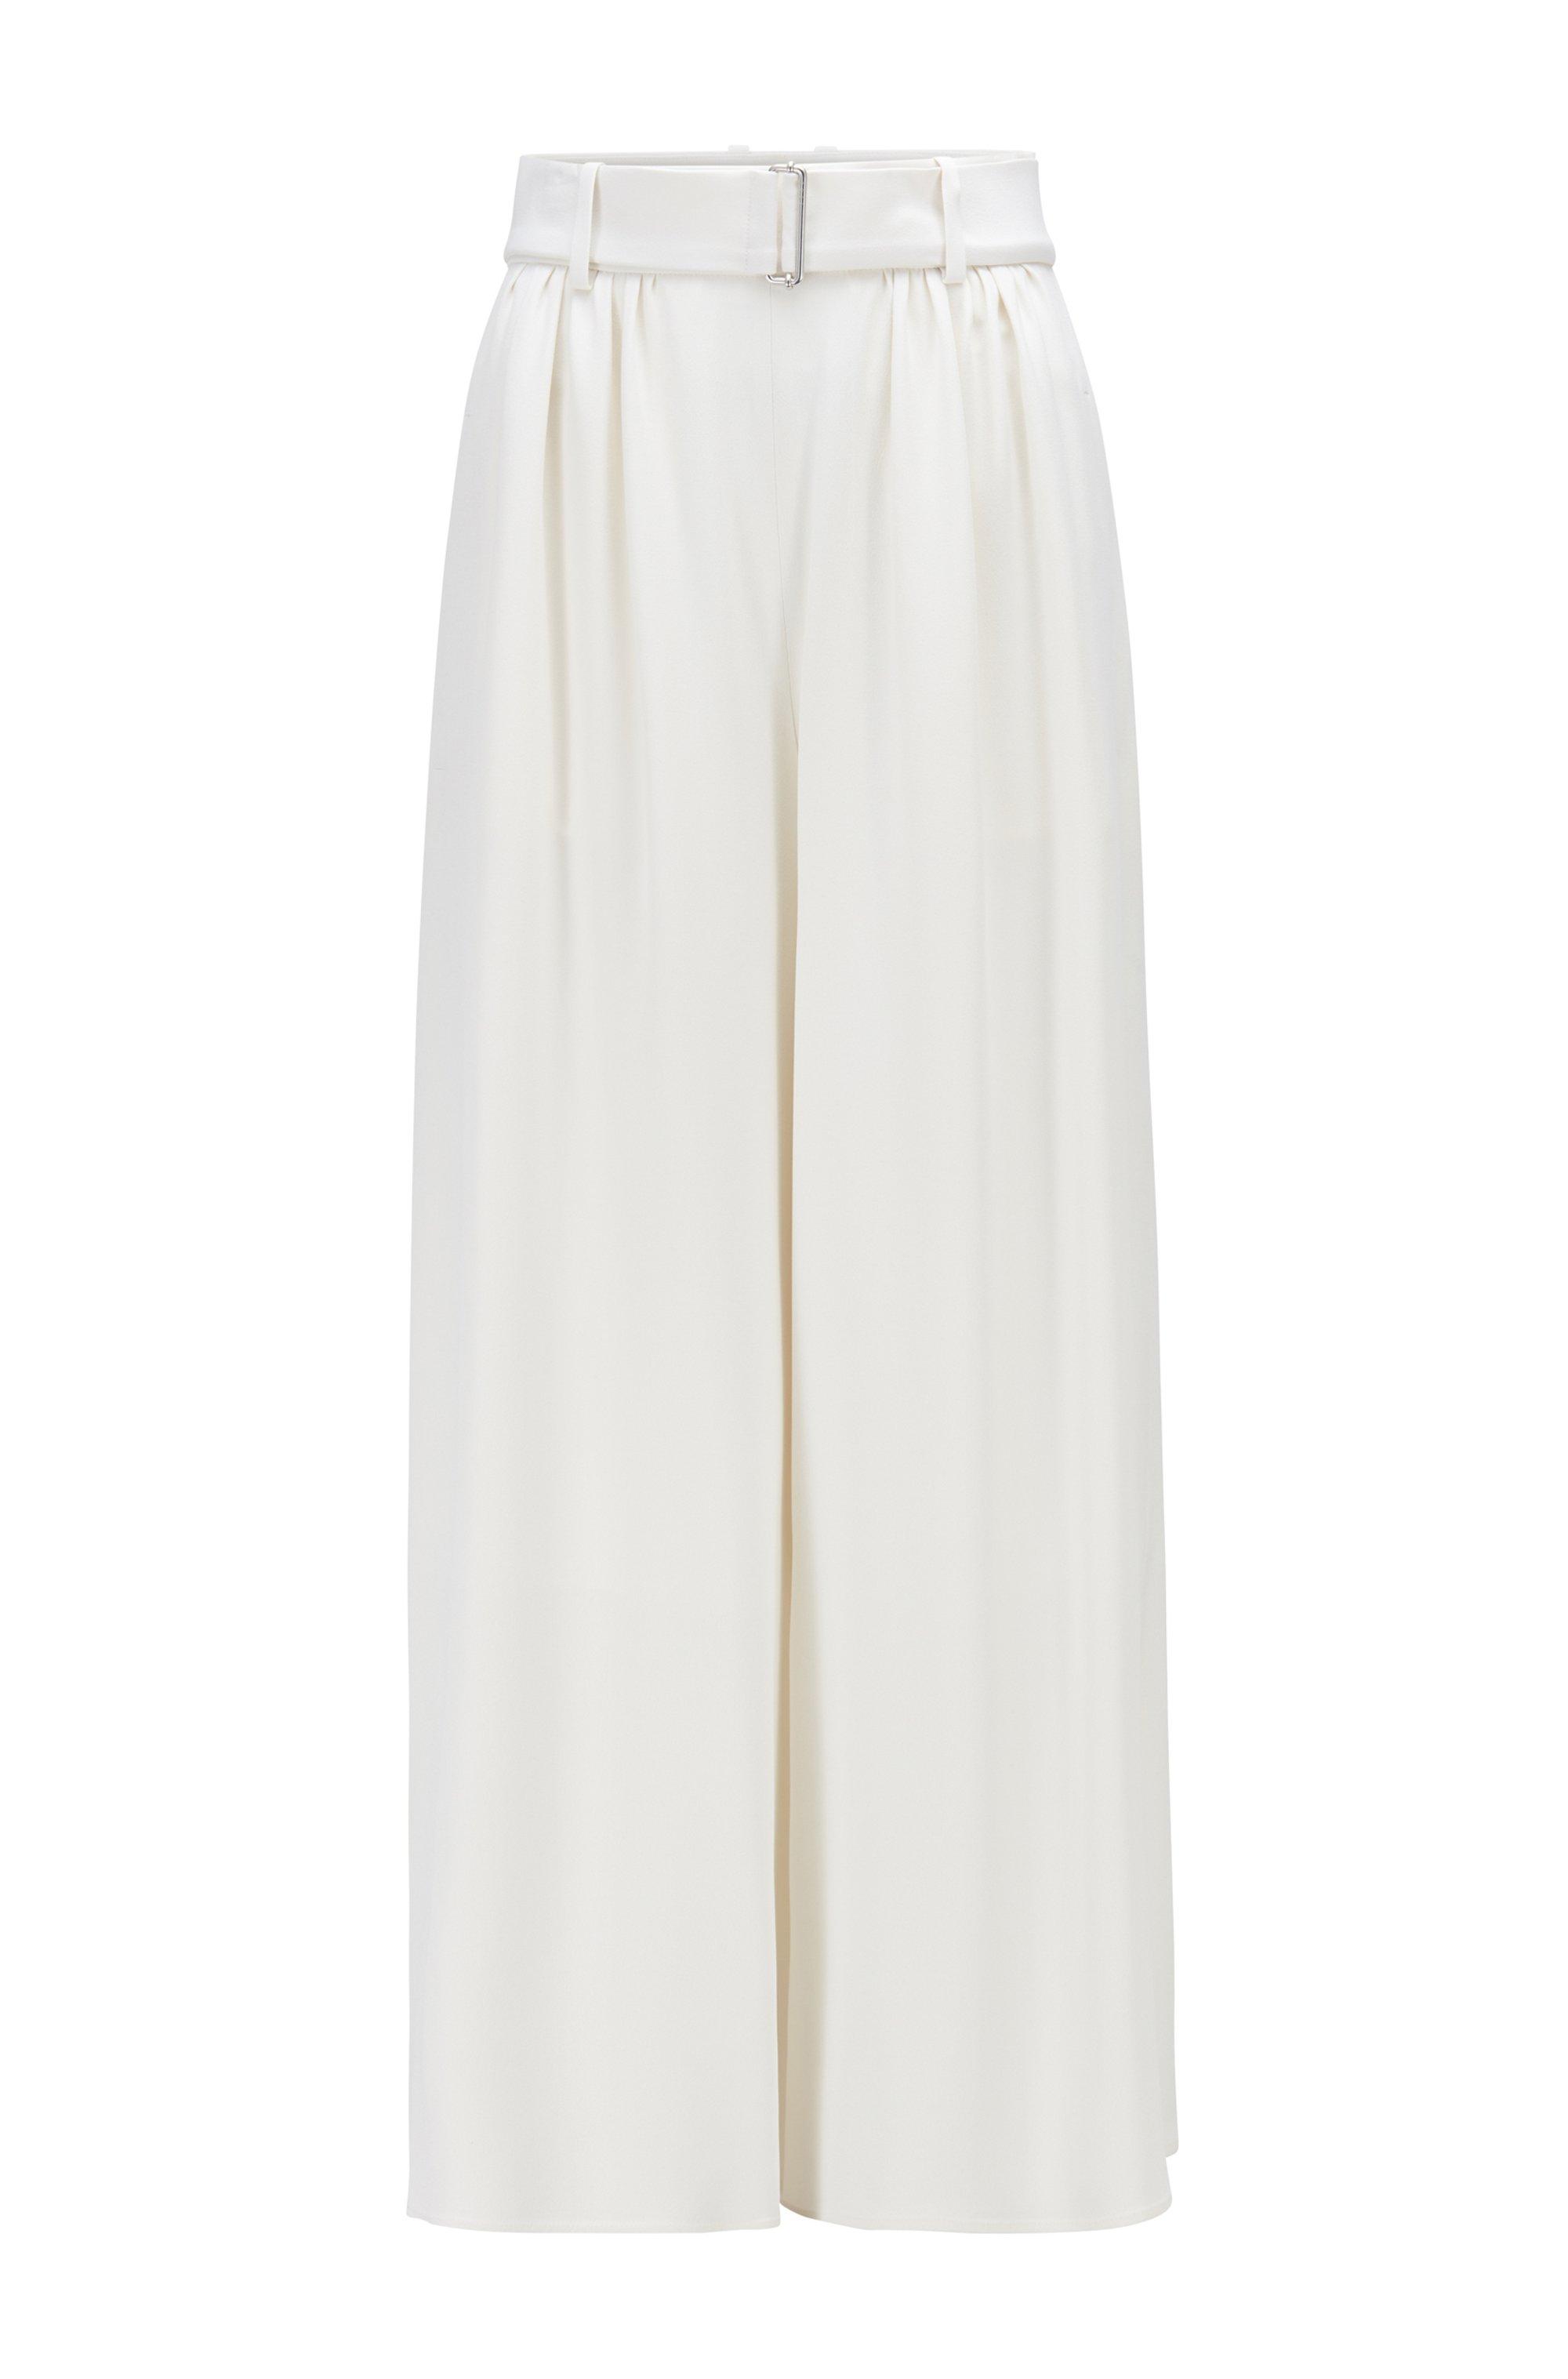 Pantalones culotte relaxed fit en crepé con reverso de satén, Blanco